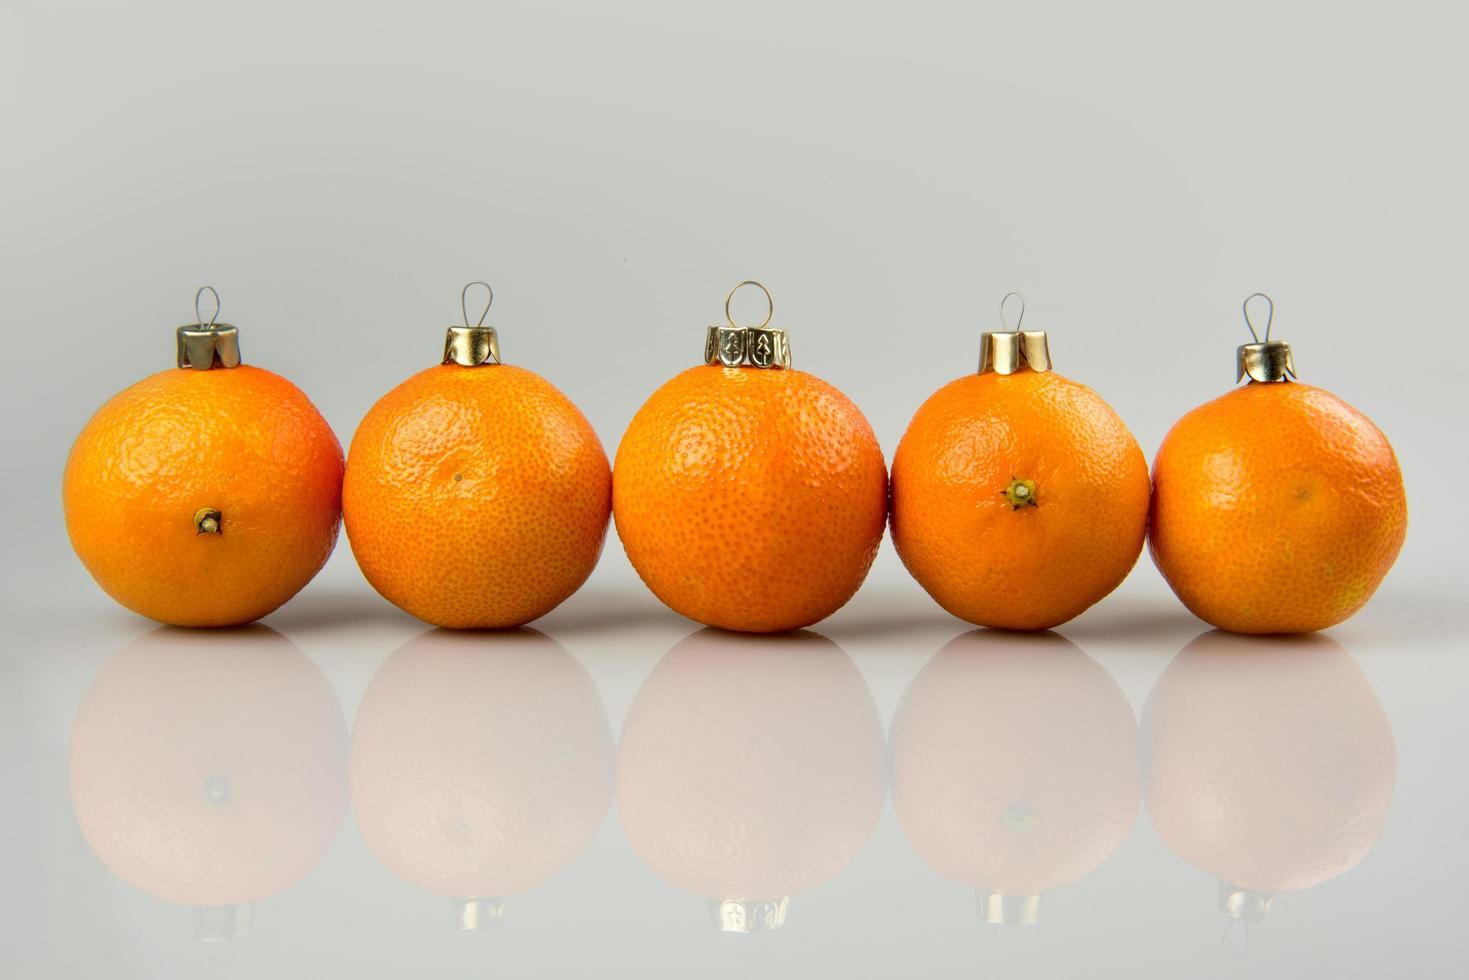 une ligne de boules de mandarine photo